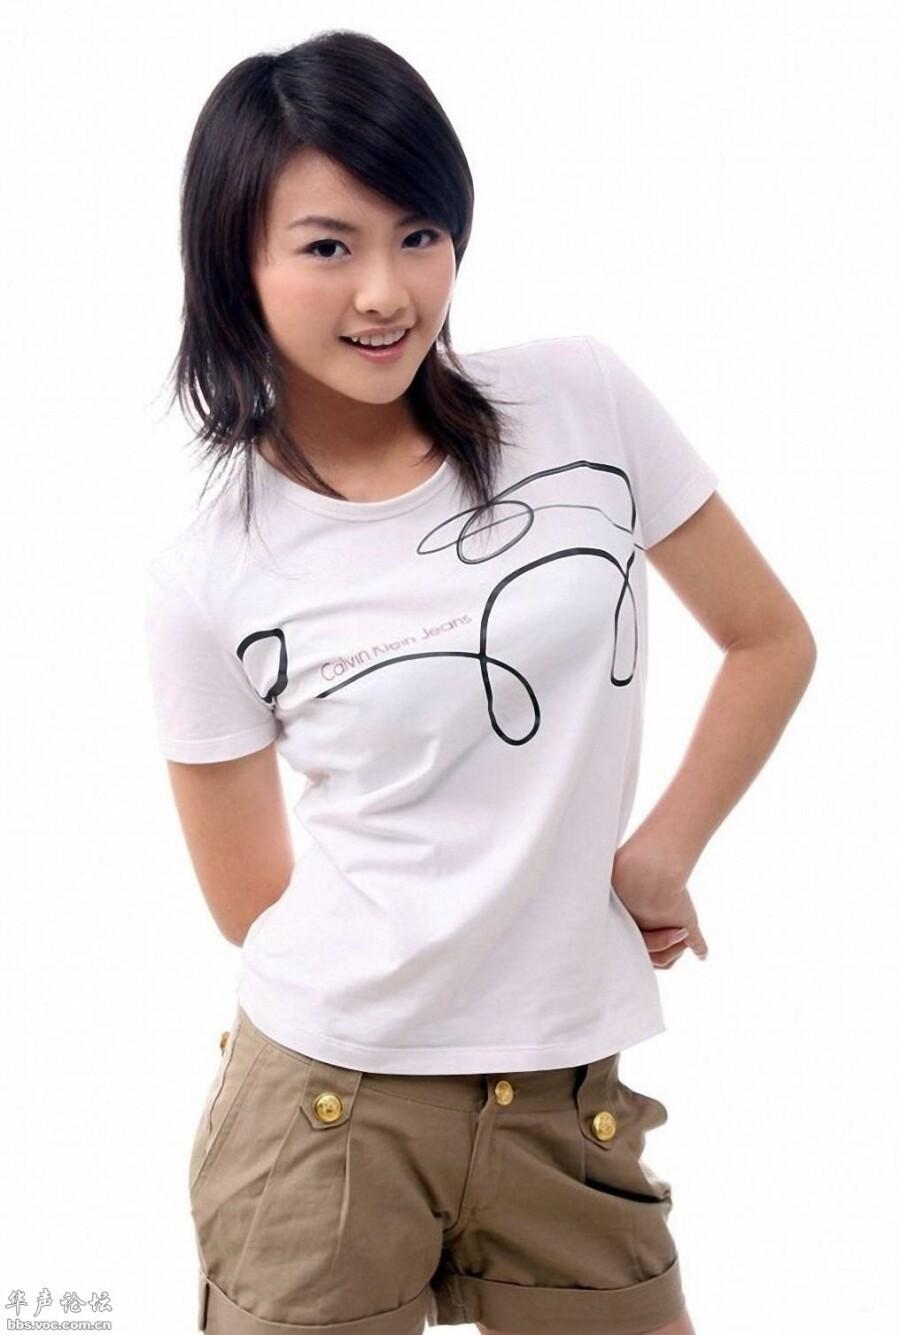 台湾美女罗凯珊